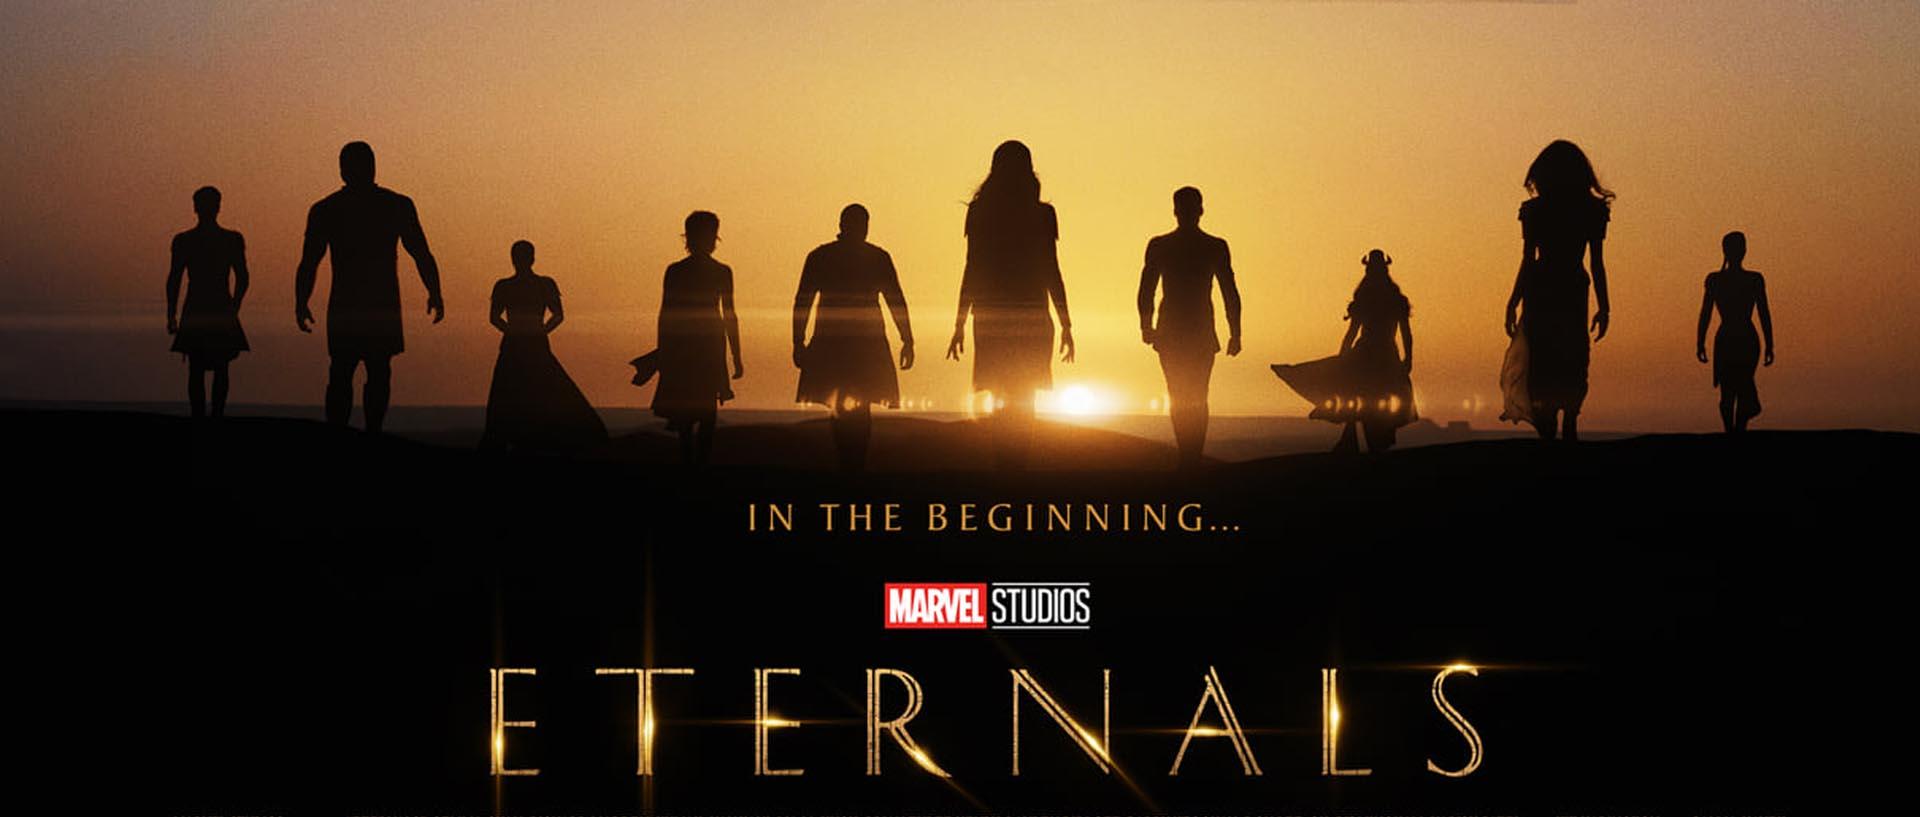 The Eternals ปล่อยทีเซอร์ตัวแรก พร้อมเผยให้เห็นตัวละครหลัก